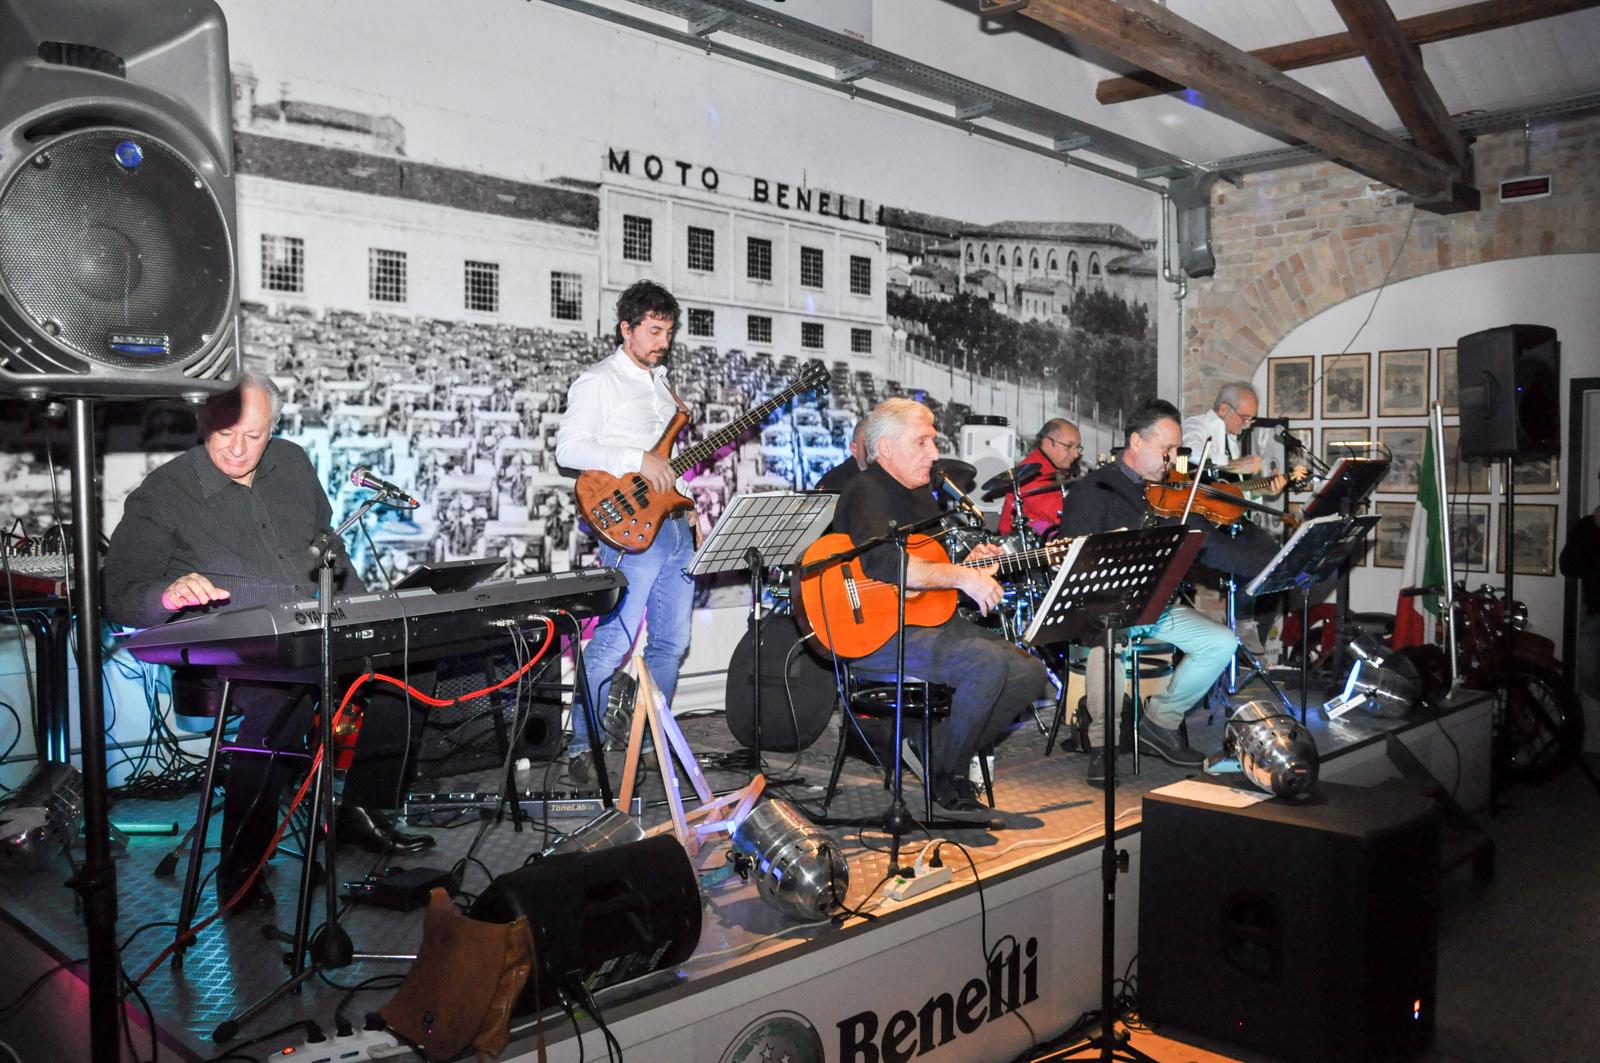 Cantando De Andrè – Museo Benelli, 15 gennaio 2017